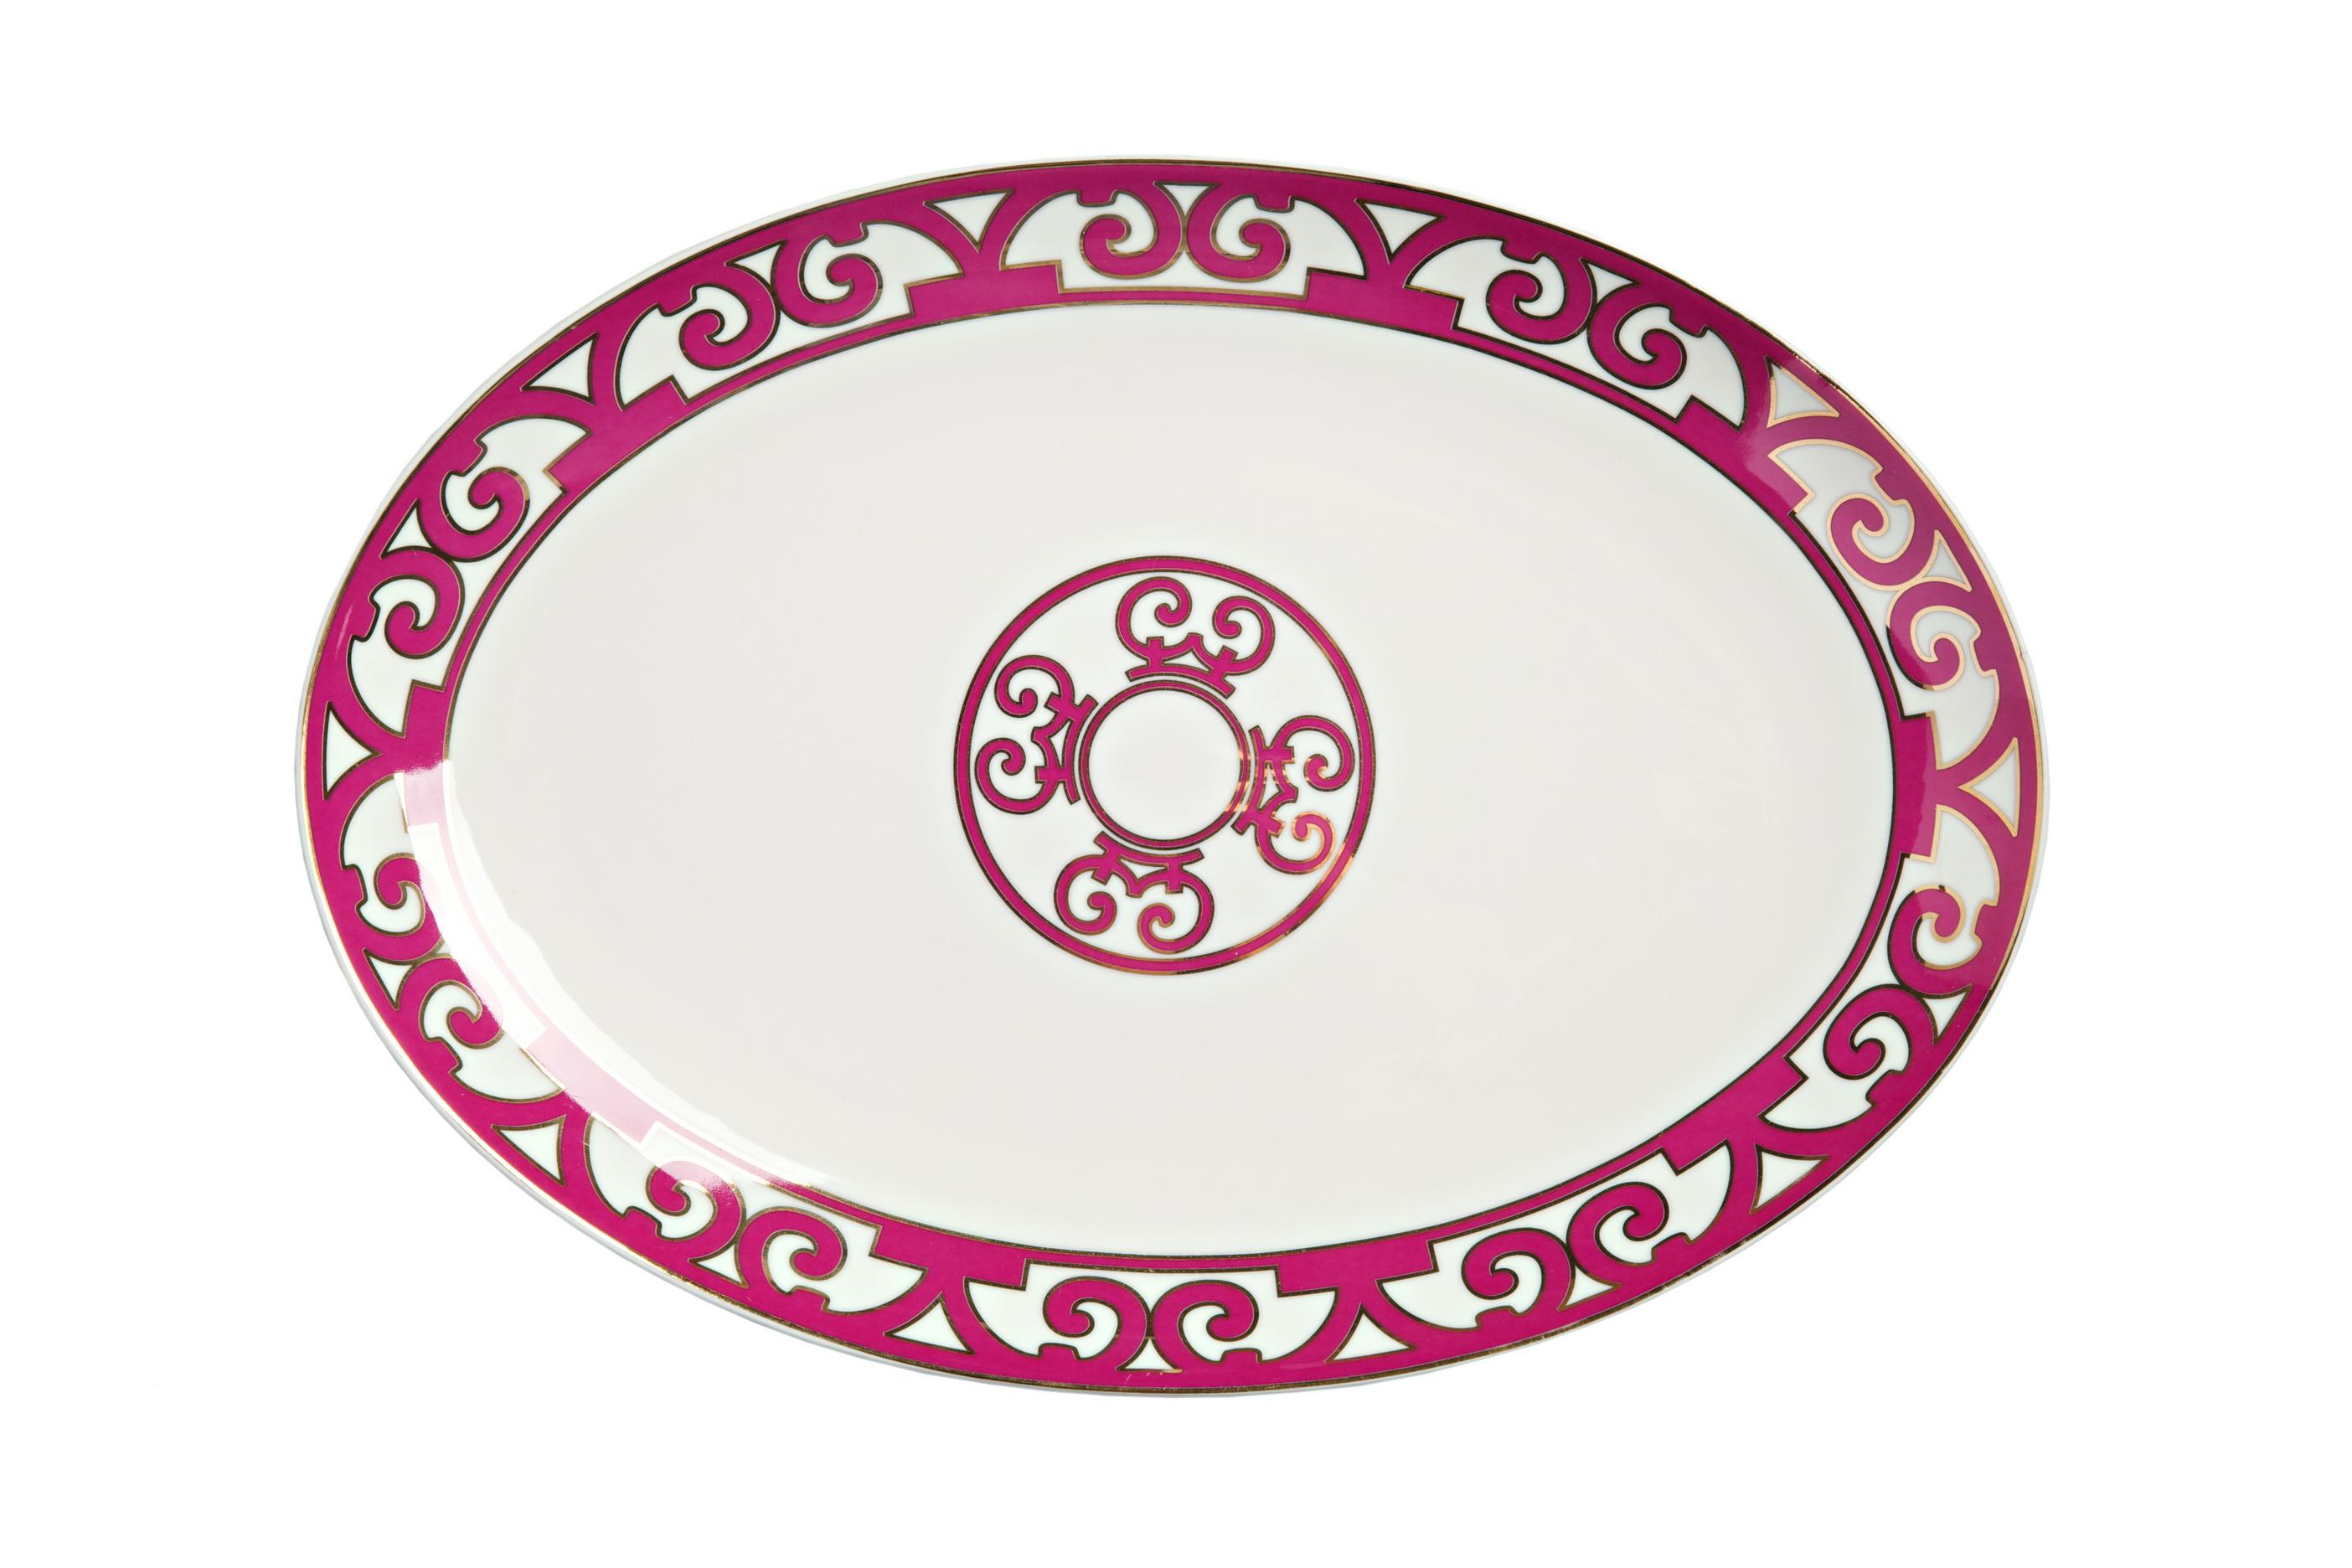 Овальное блюдо Sienna МалоеДекоративные блюда<br>Классическое овальное блюдо коллекции «Sienna» предназначено для подачи разнообразных салатов, закусок и нарезок. Выполненное из белоснежного костяного фарфора, блюдо украшено контрастным лиловым узором в стиле модерн (moderne) и солярным символом в центре.<br>Вы можете приобрести блюдо как самостоятельный предмет сервировки, а также в комплекте с другими предметами коллекции «Sienna».<br><br>Material: Фарфор<br>Width см: 32<br>Depth см: 23<br>Height см: 1.5<br>Diameter см: None